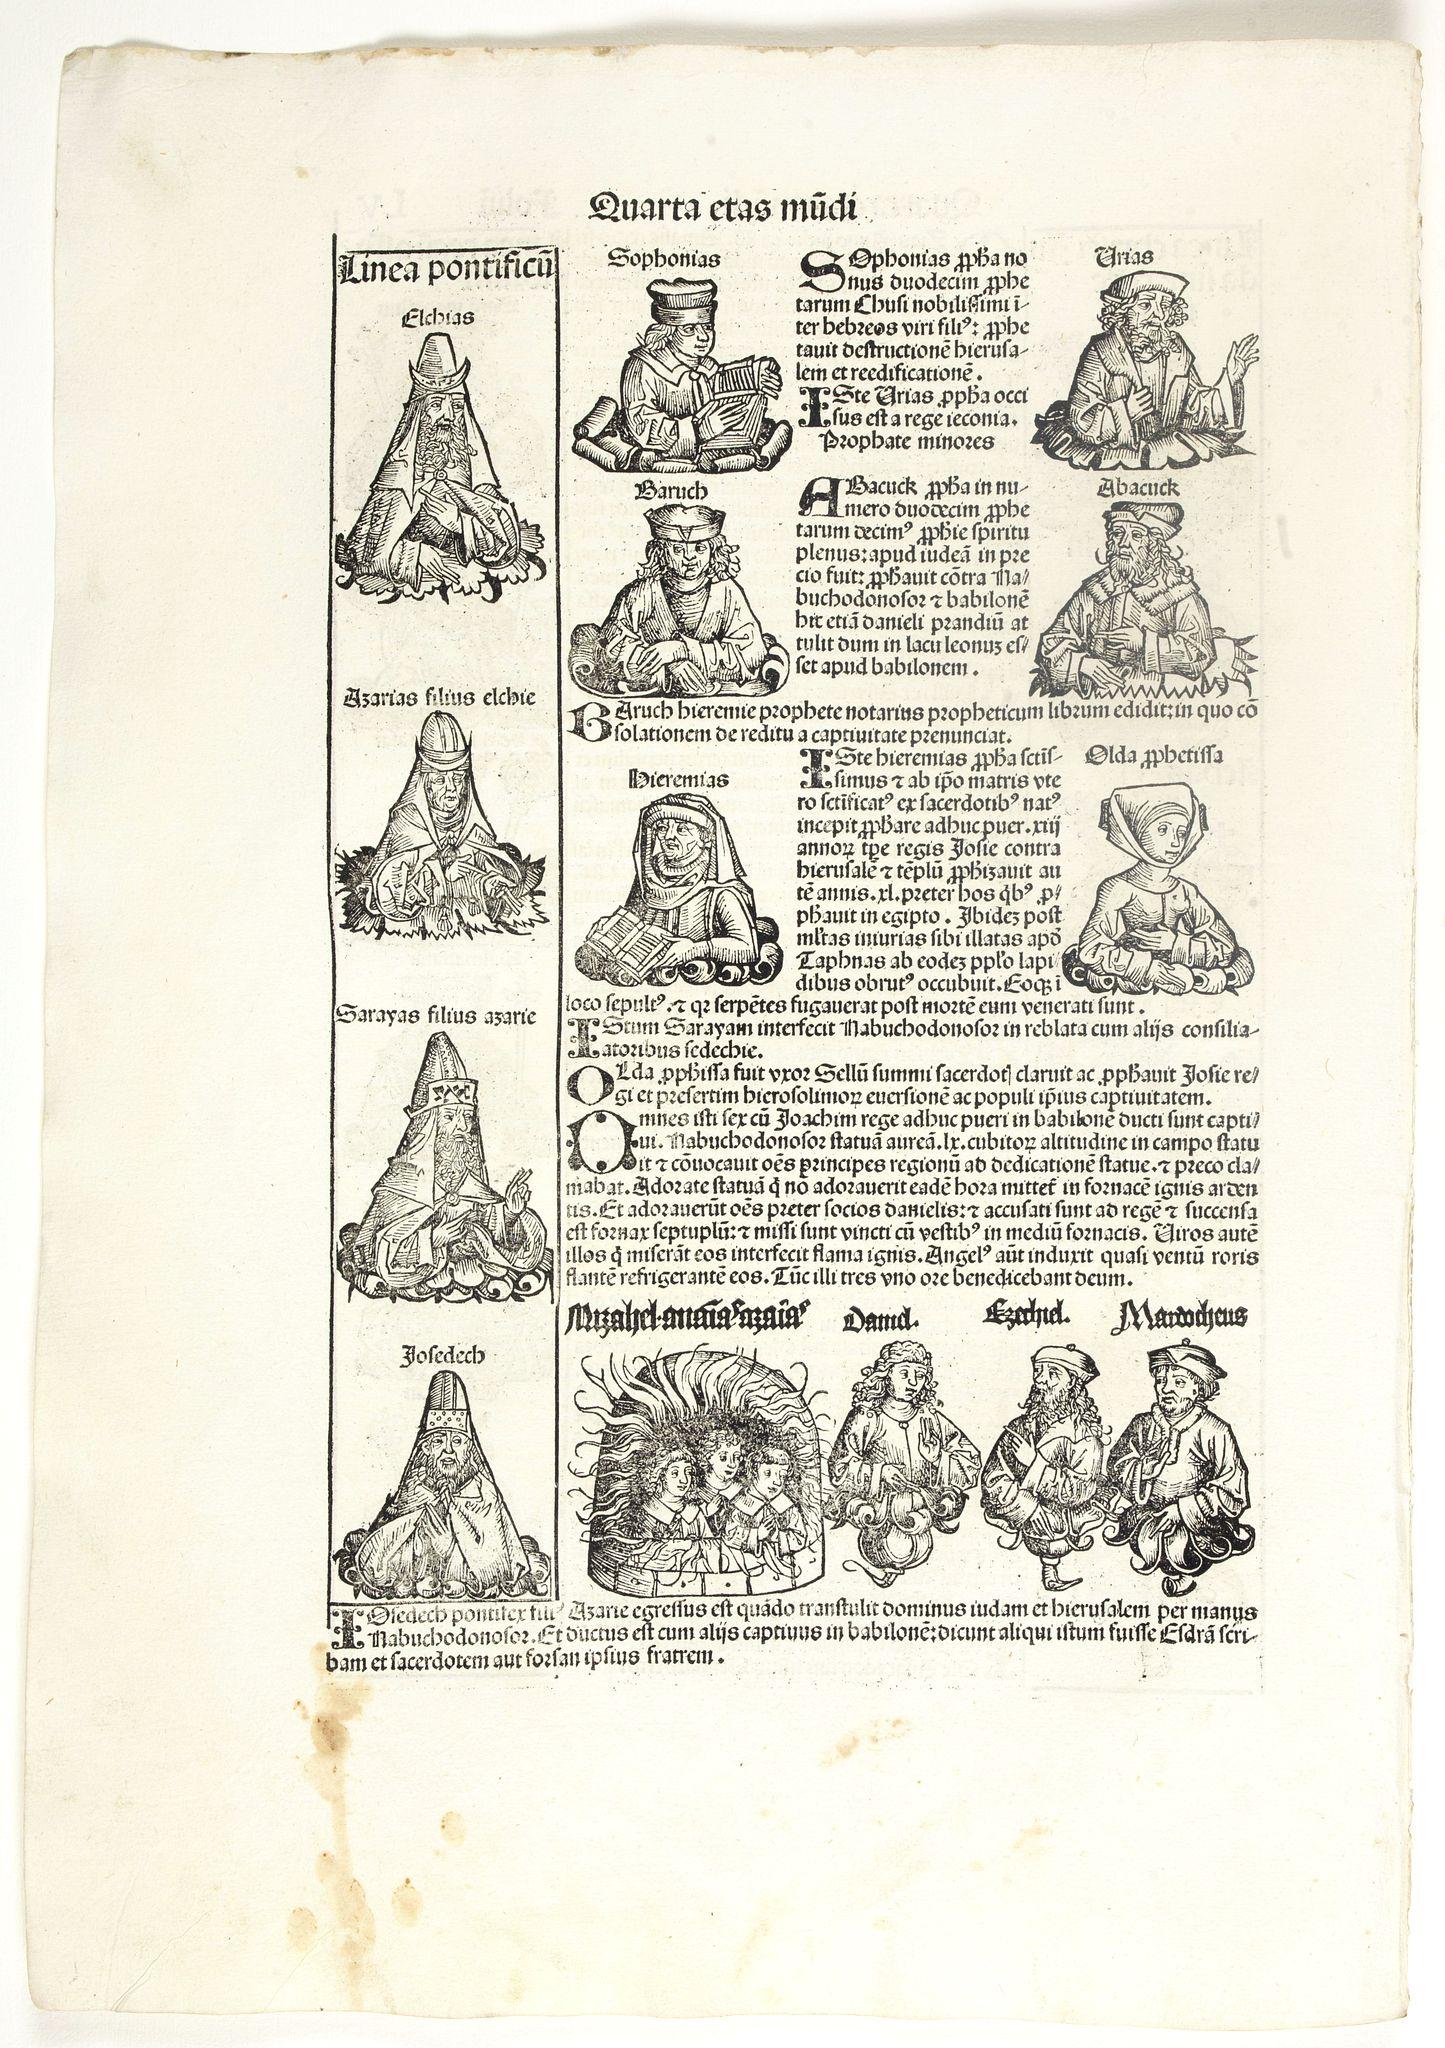 SCHEDEL, H. -  Quarta Etas Mundi. Folium. LV